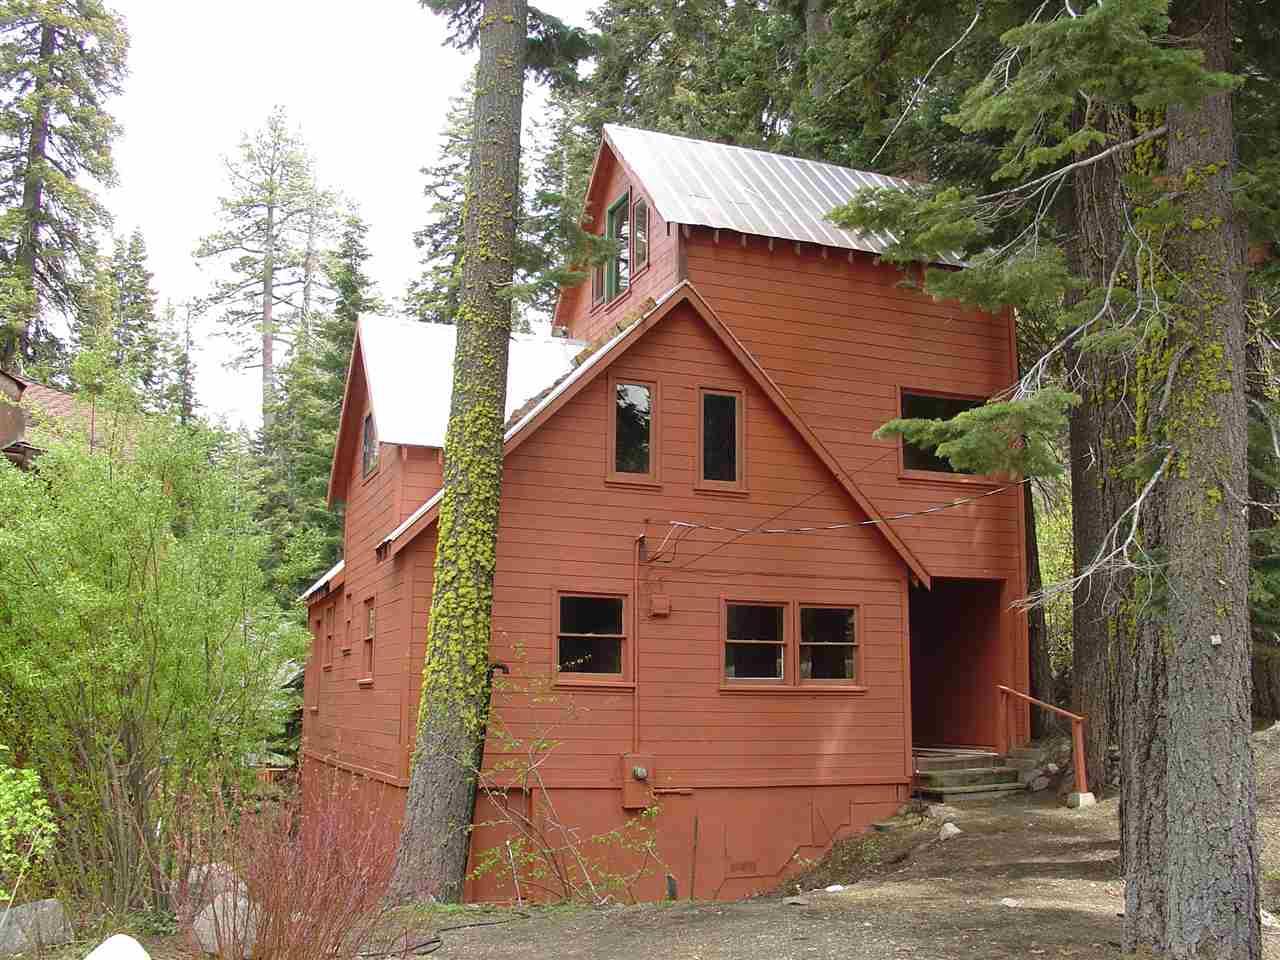 独户住宅 为 销售 在 15070 Point Drive 特拉基, 加利福尼亚州 96161 美国